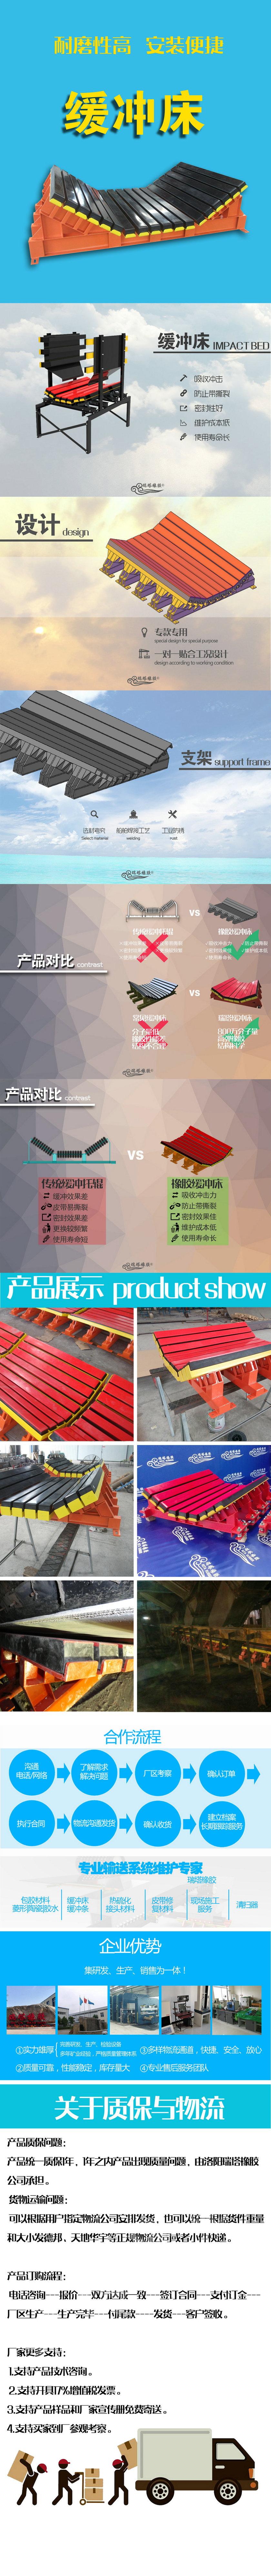 厂家专业生产B1000缓冲床,1m缓冲滑槽,缓冲床安装示例图13